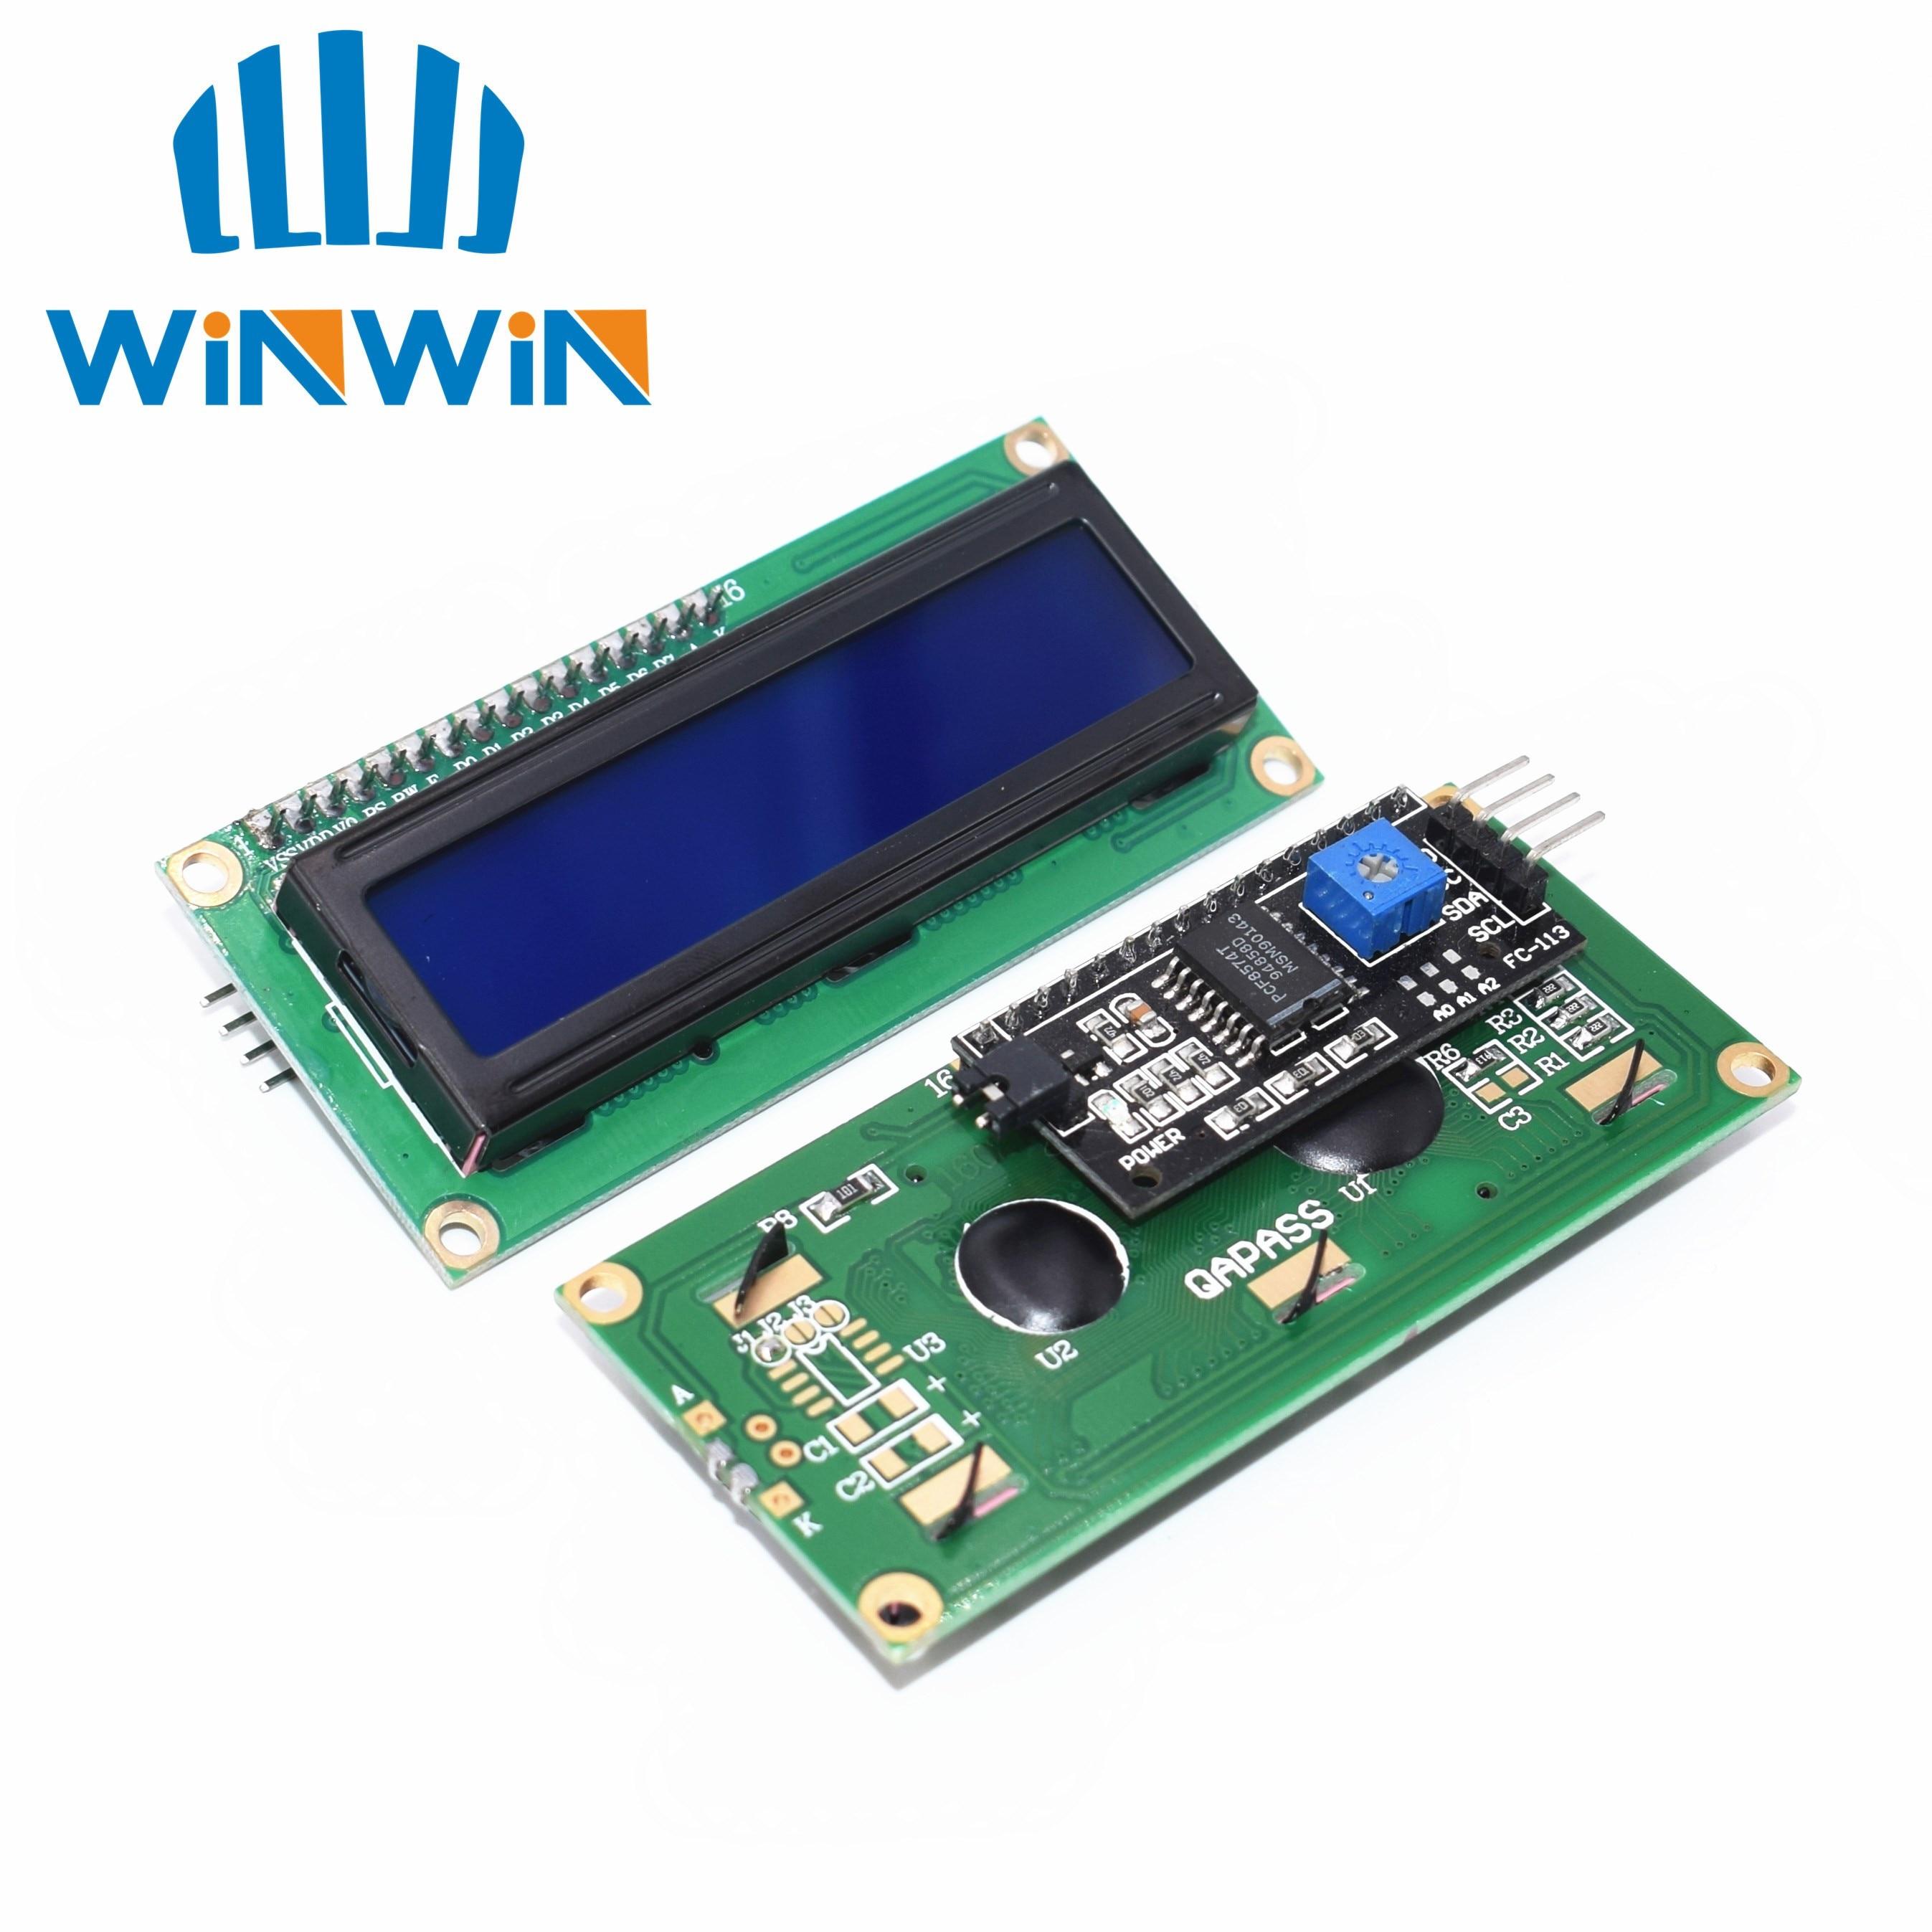 LCD1602+I2C LCD 1602 module Blue screen IIC/I2C LCD1602 IIC LCD1602 Adapter plateLCD1602+I2C LCD 1602 module Blue screen IIC/I2C LCD1602 IIC LCD1602 Adapter plate